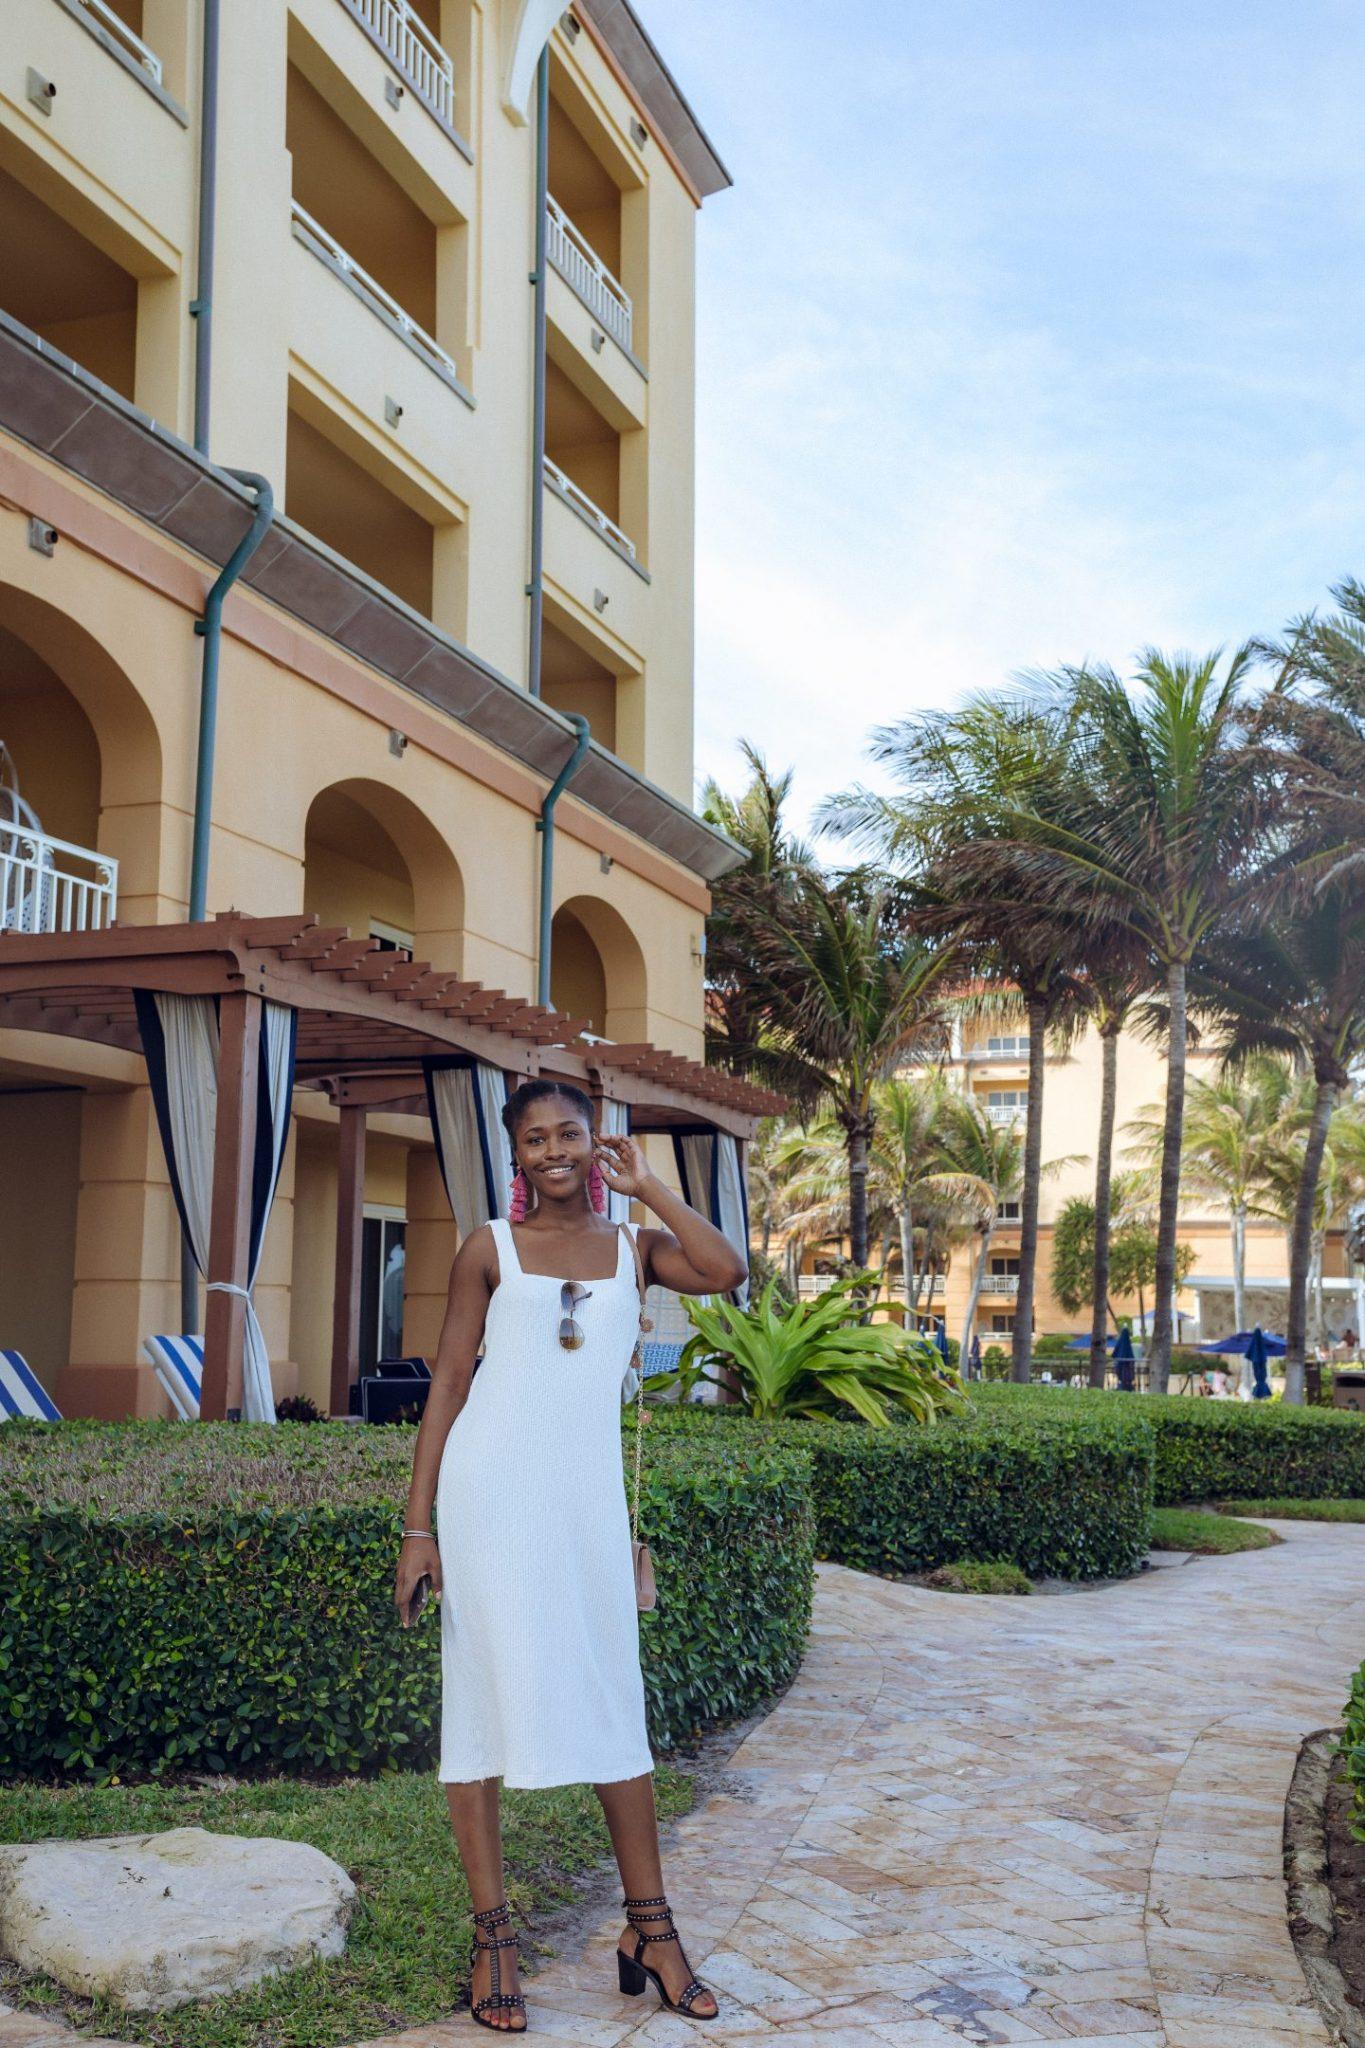 Black Female posing at Eau Palm Beach